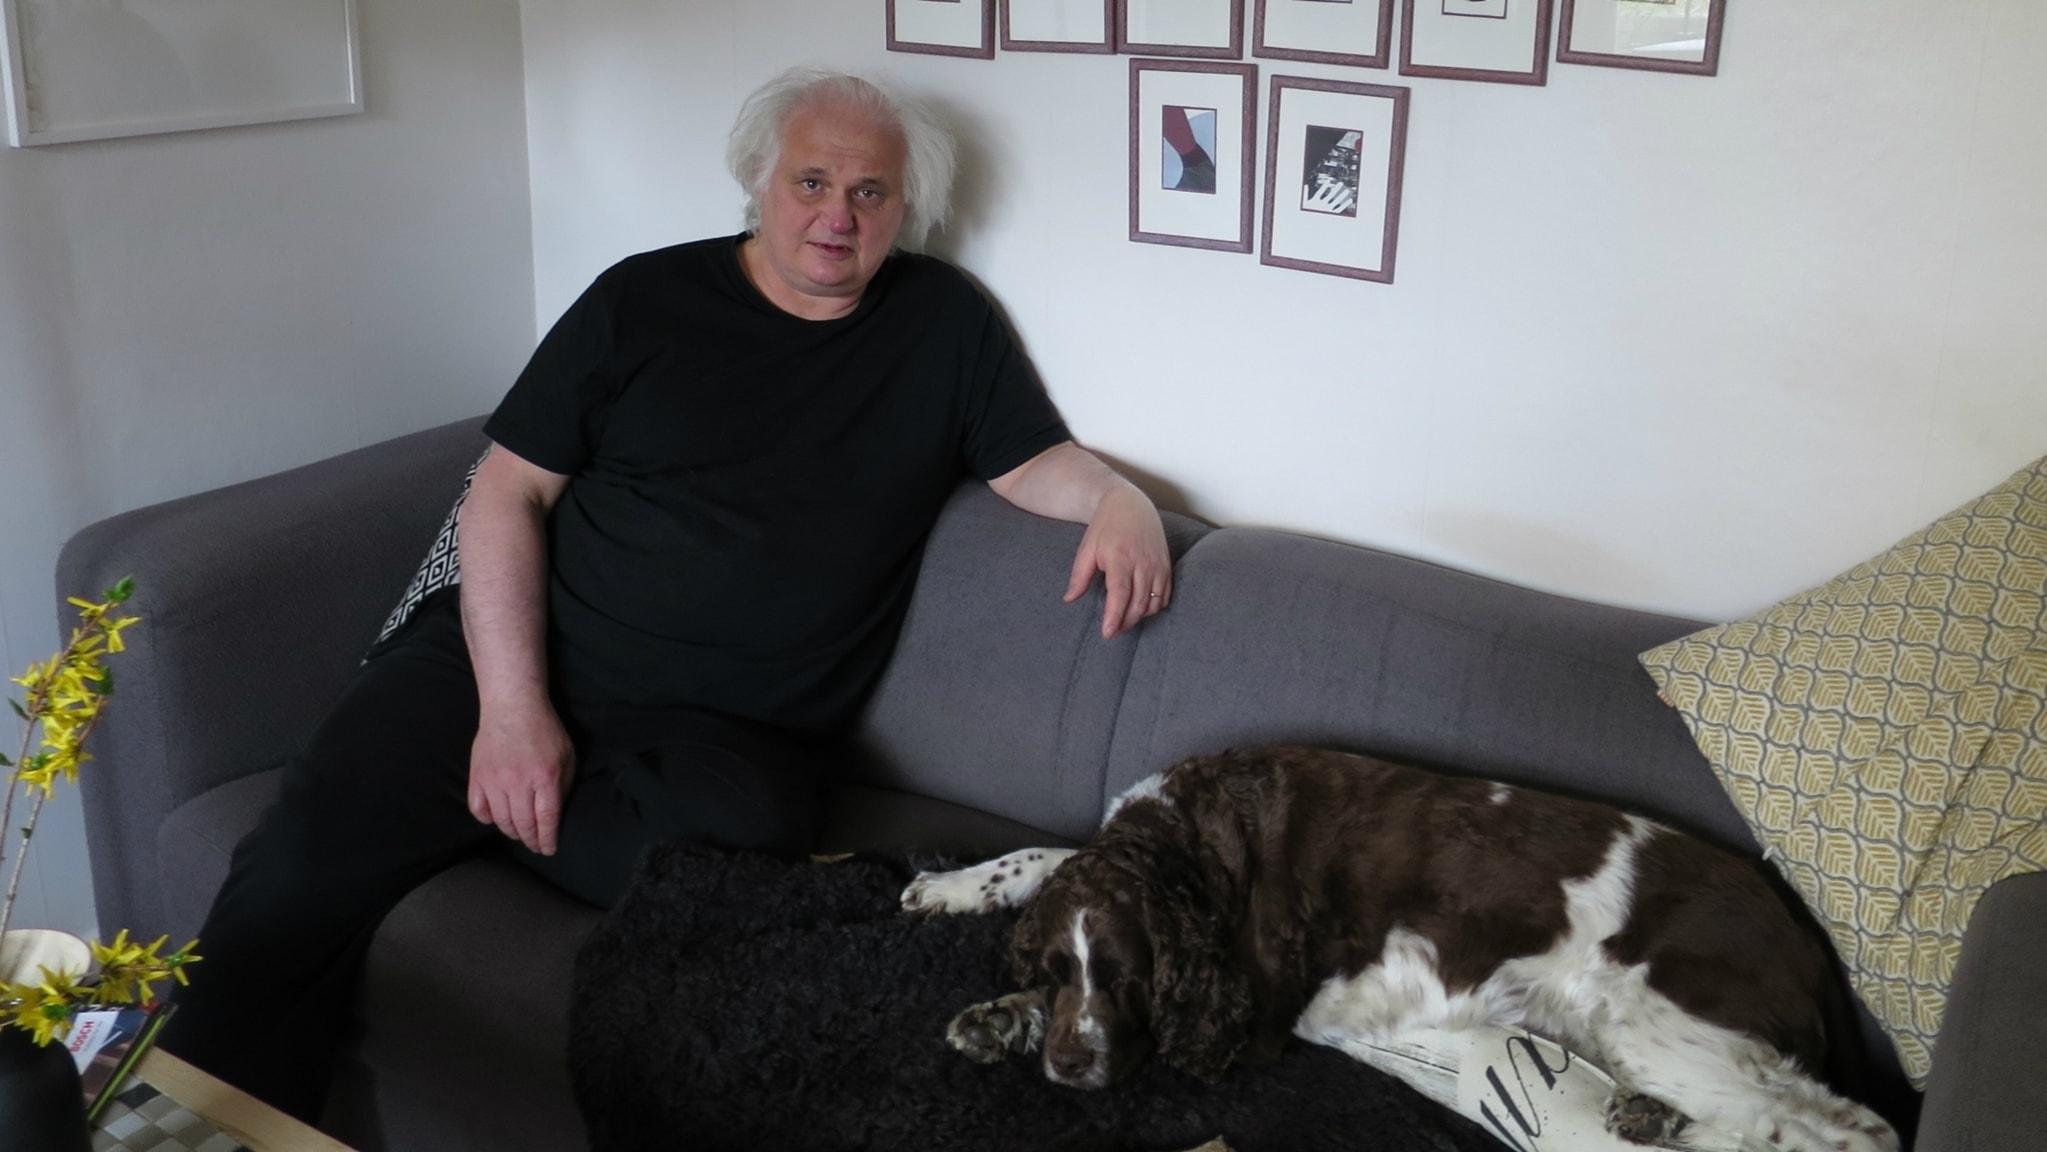 Kulturdjur träffar Göran Greider, katten Tess och hunden Stina